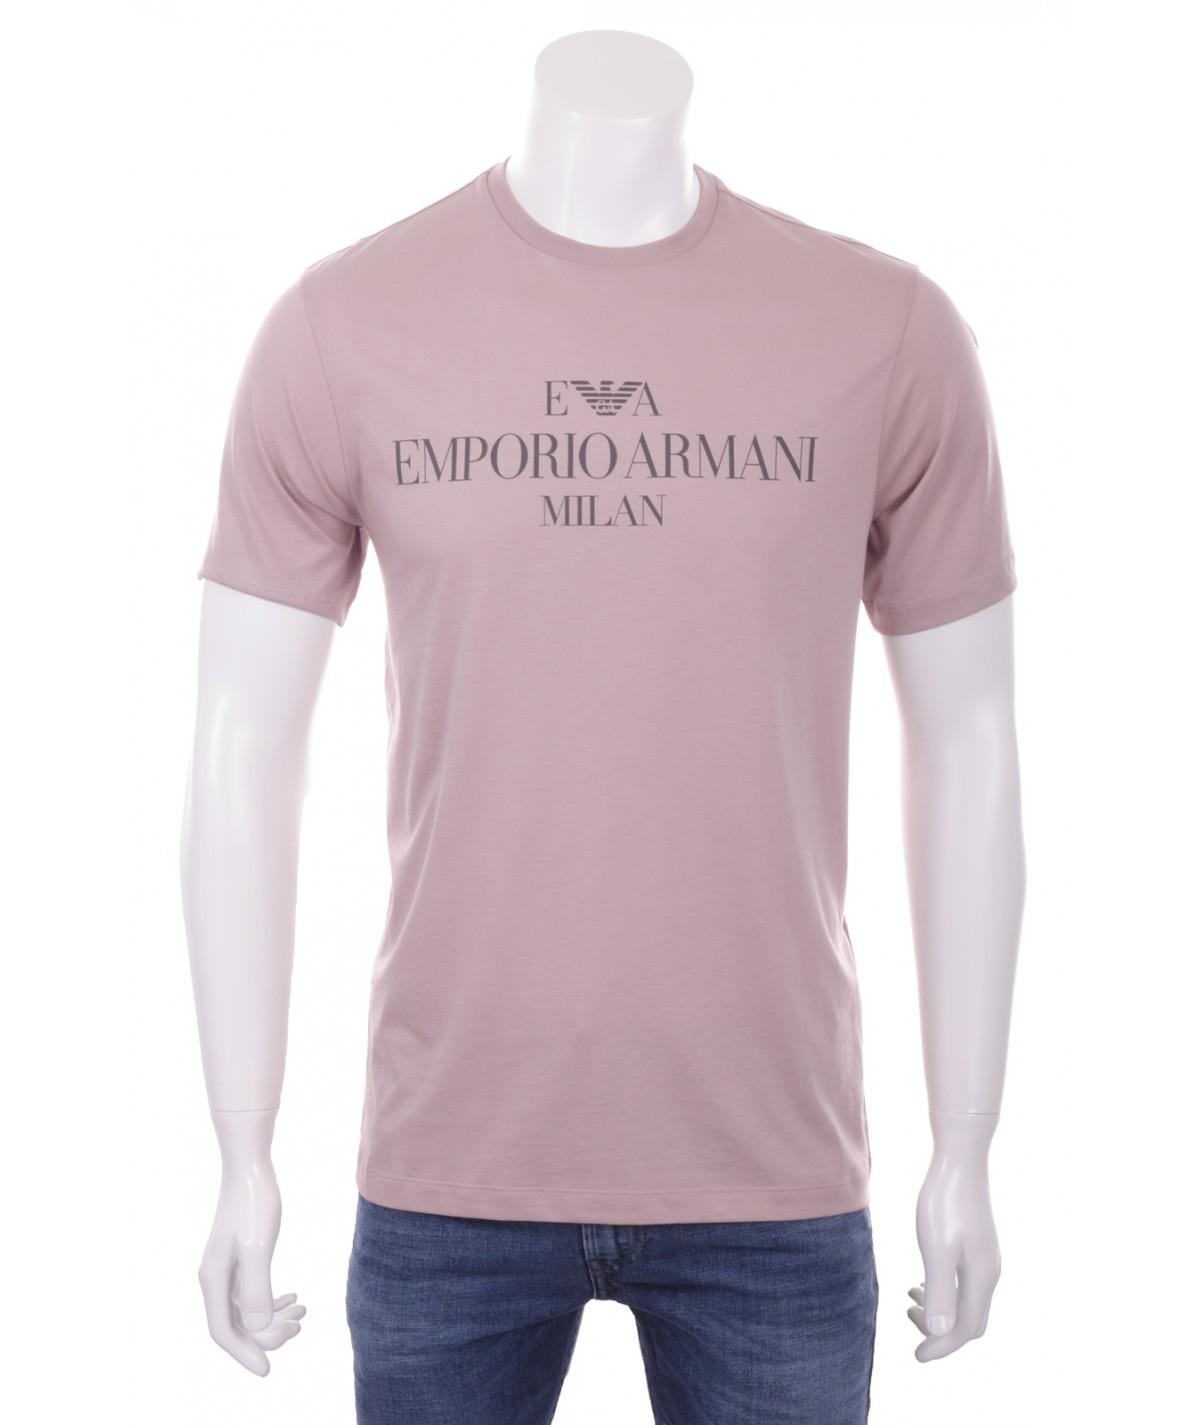 EMPORIO ARMANI T-Shirt Uomo